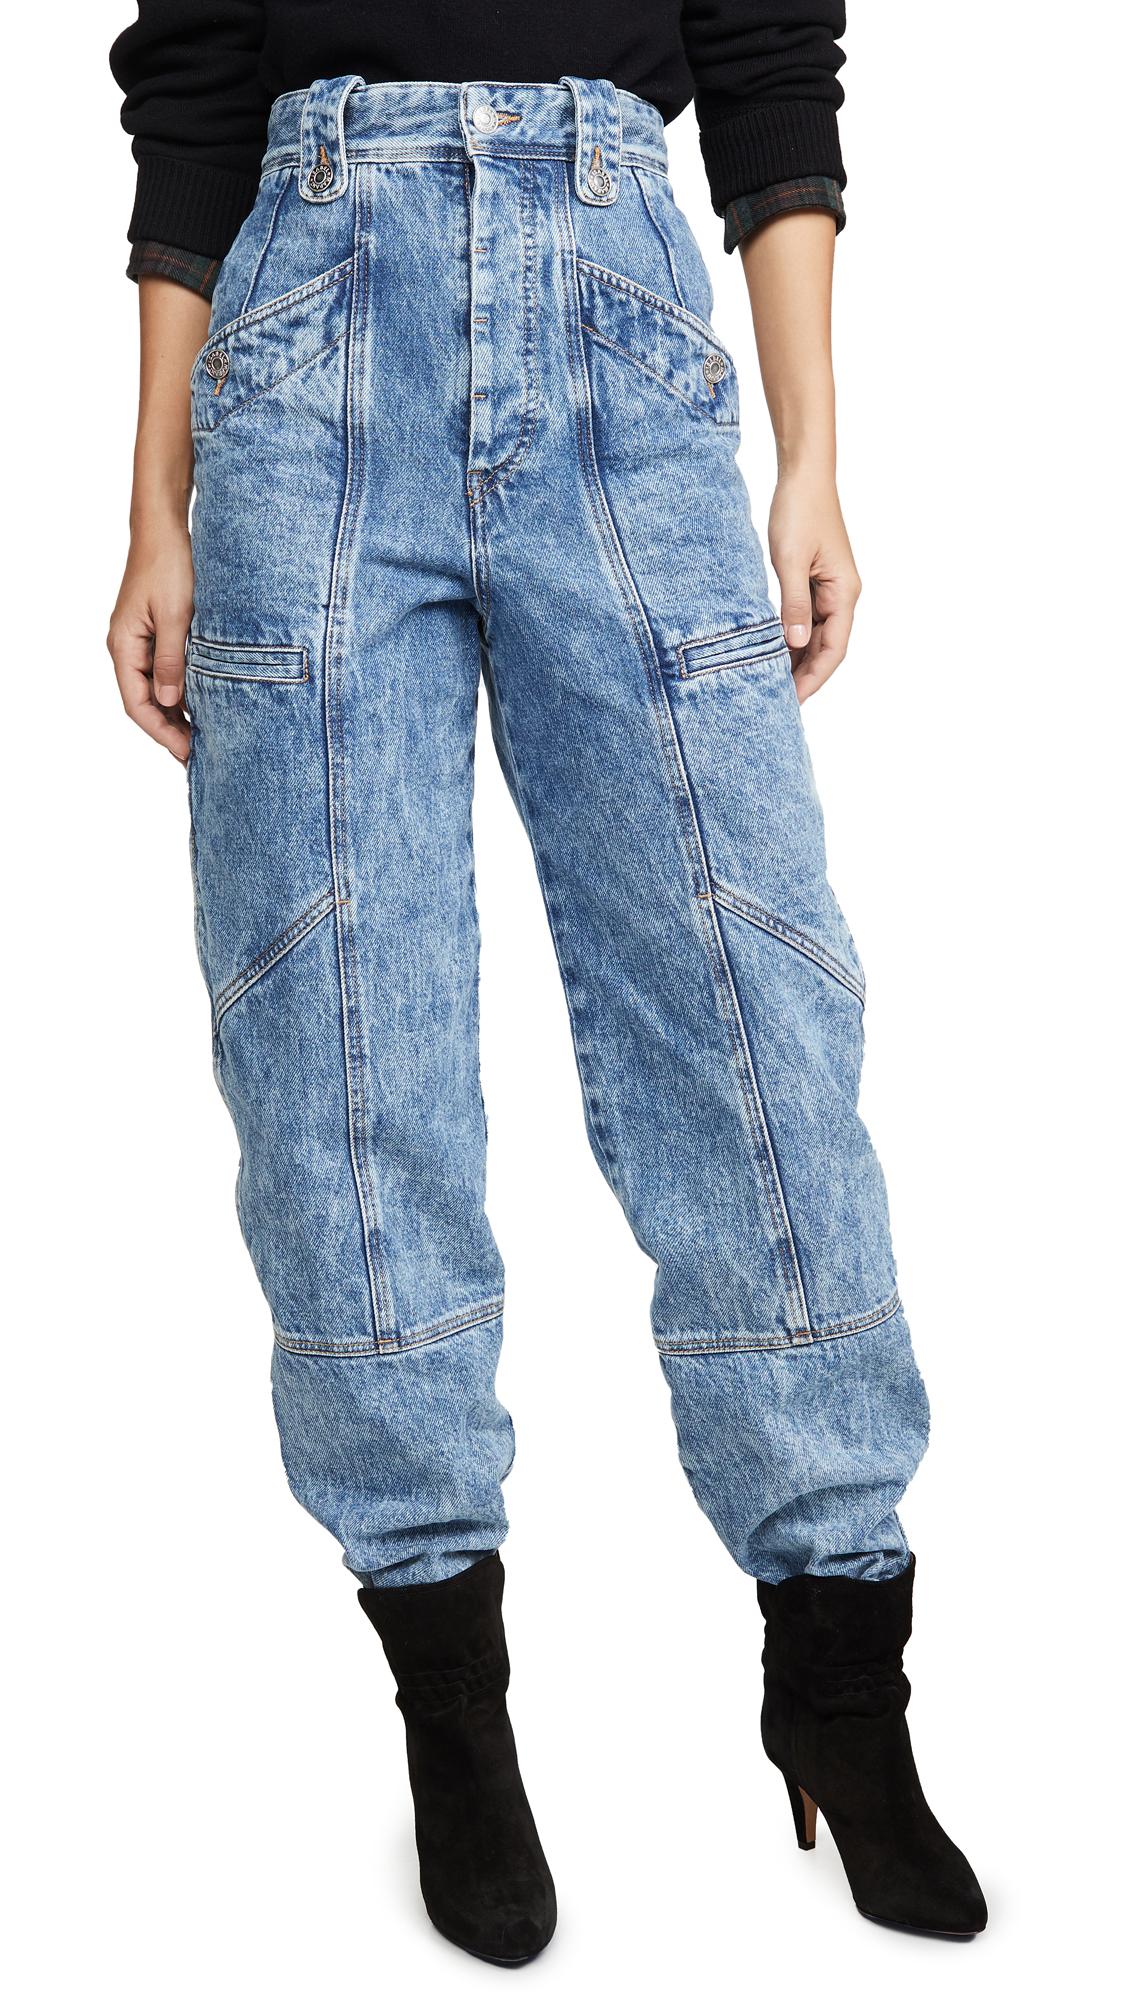 Neko Cargo Jeans In Ice Blue